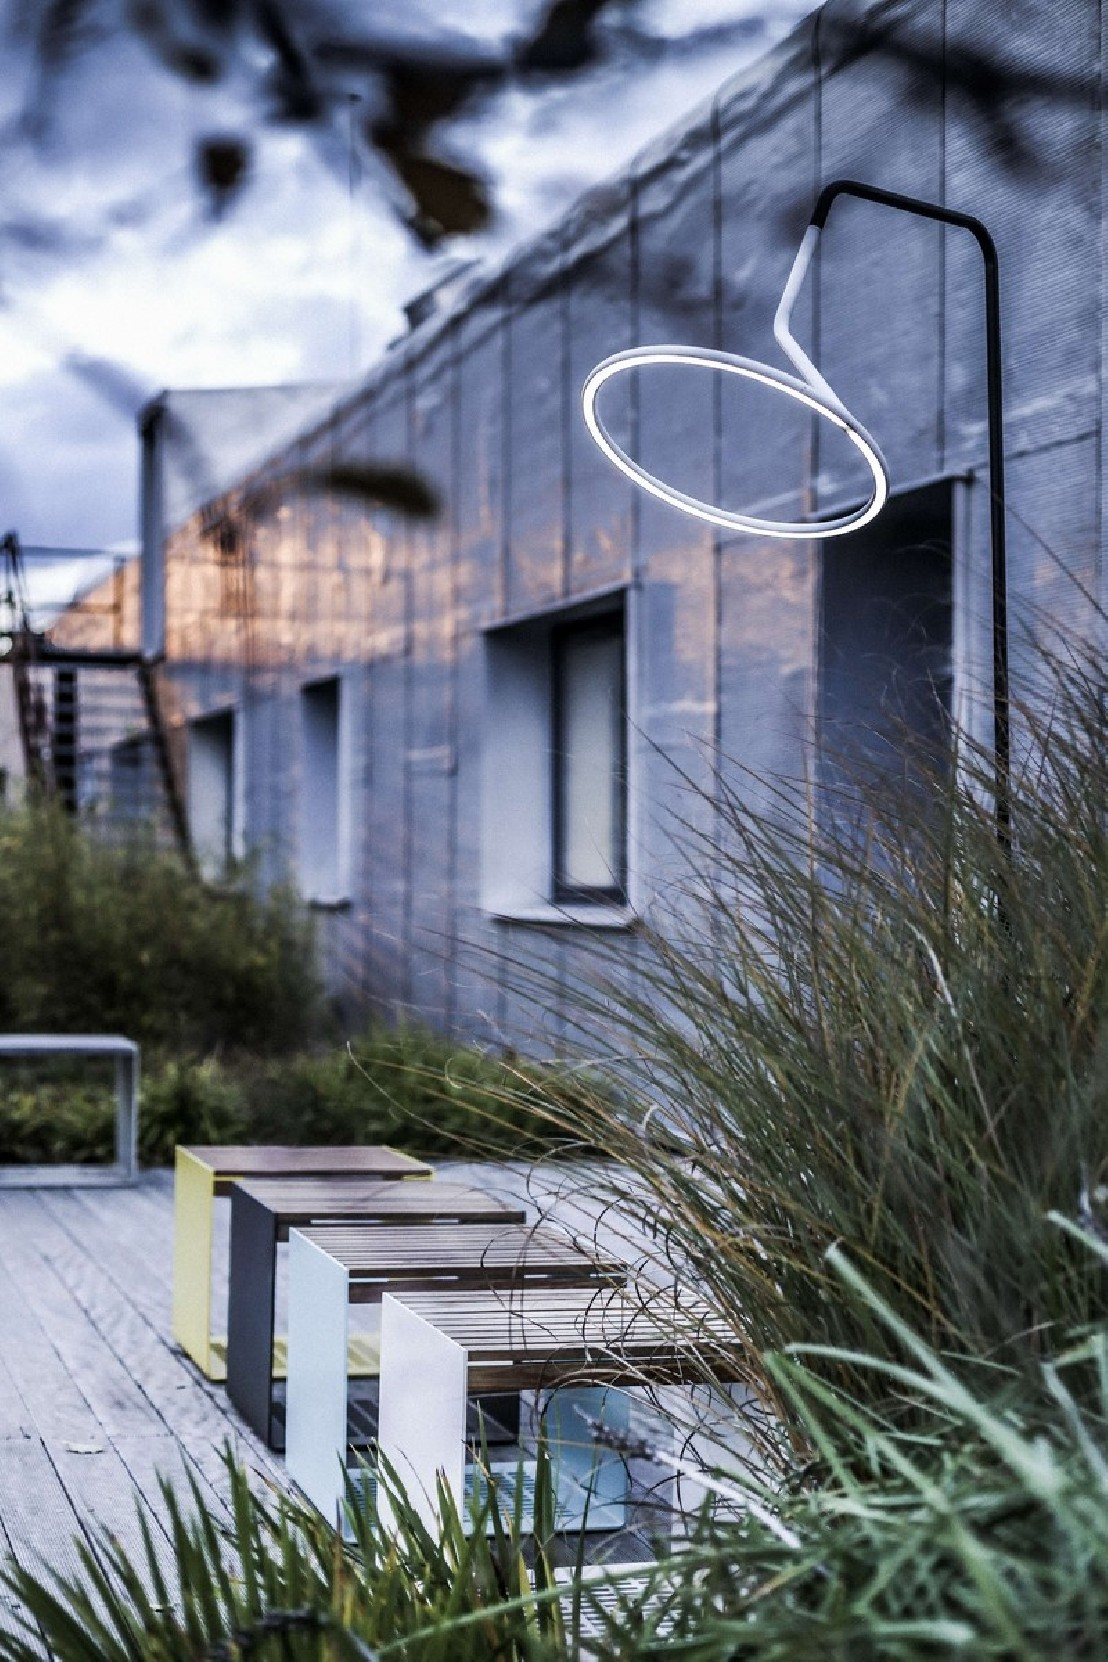 Lampadaire design courb led laso pour clairage ext rieur for Lampadaire exterieur design led